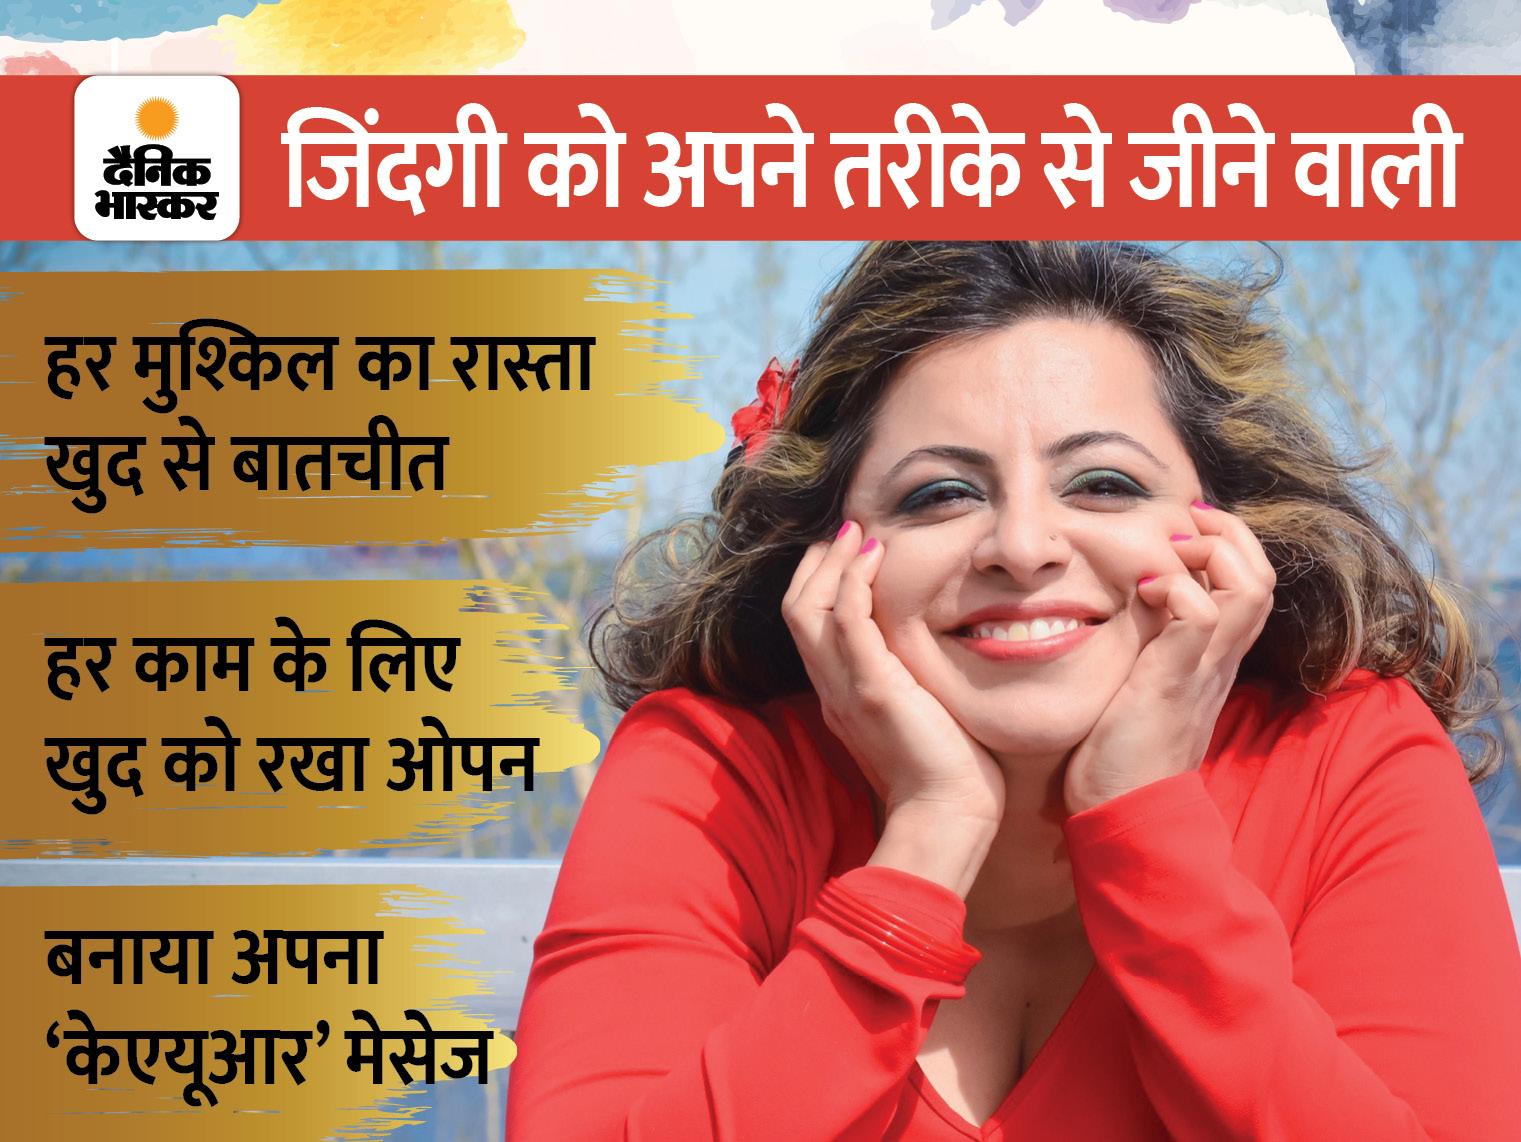 पति, घर और नौकरी छोड़ने पर समाज के ताने सुने, पर किया वही जो मन ने कहा, अब हूं एंटरप्रेन्योर, रेडियो होस्ट और लेखक ये मैं हूं,Yeh Mein Hoon - Dainik Bhaskar